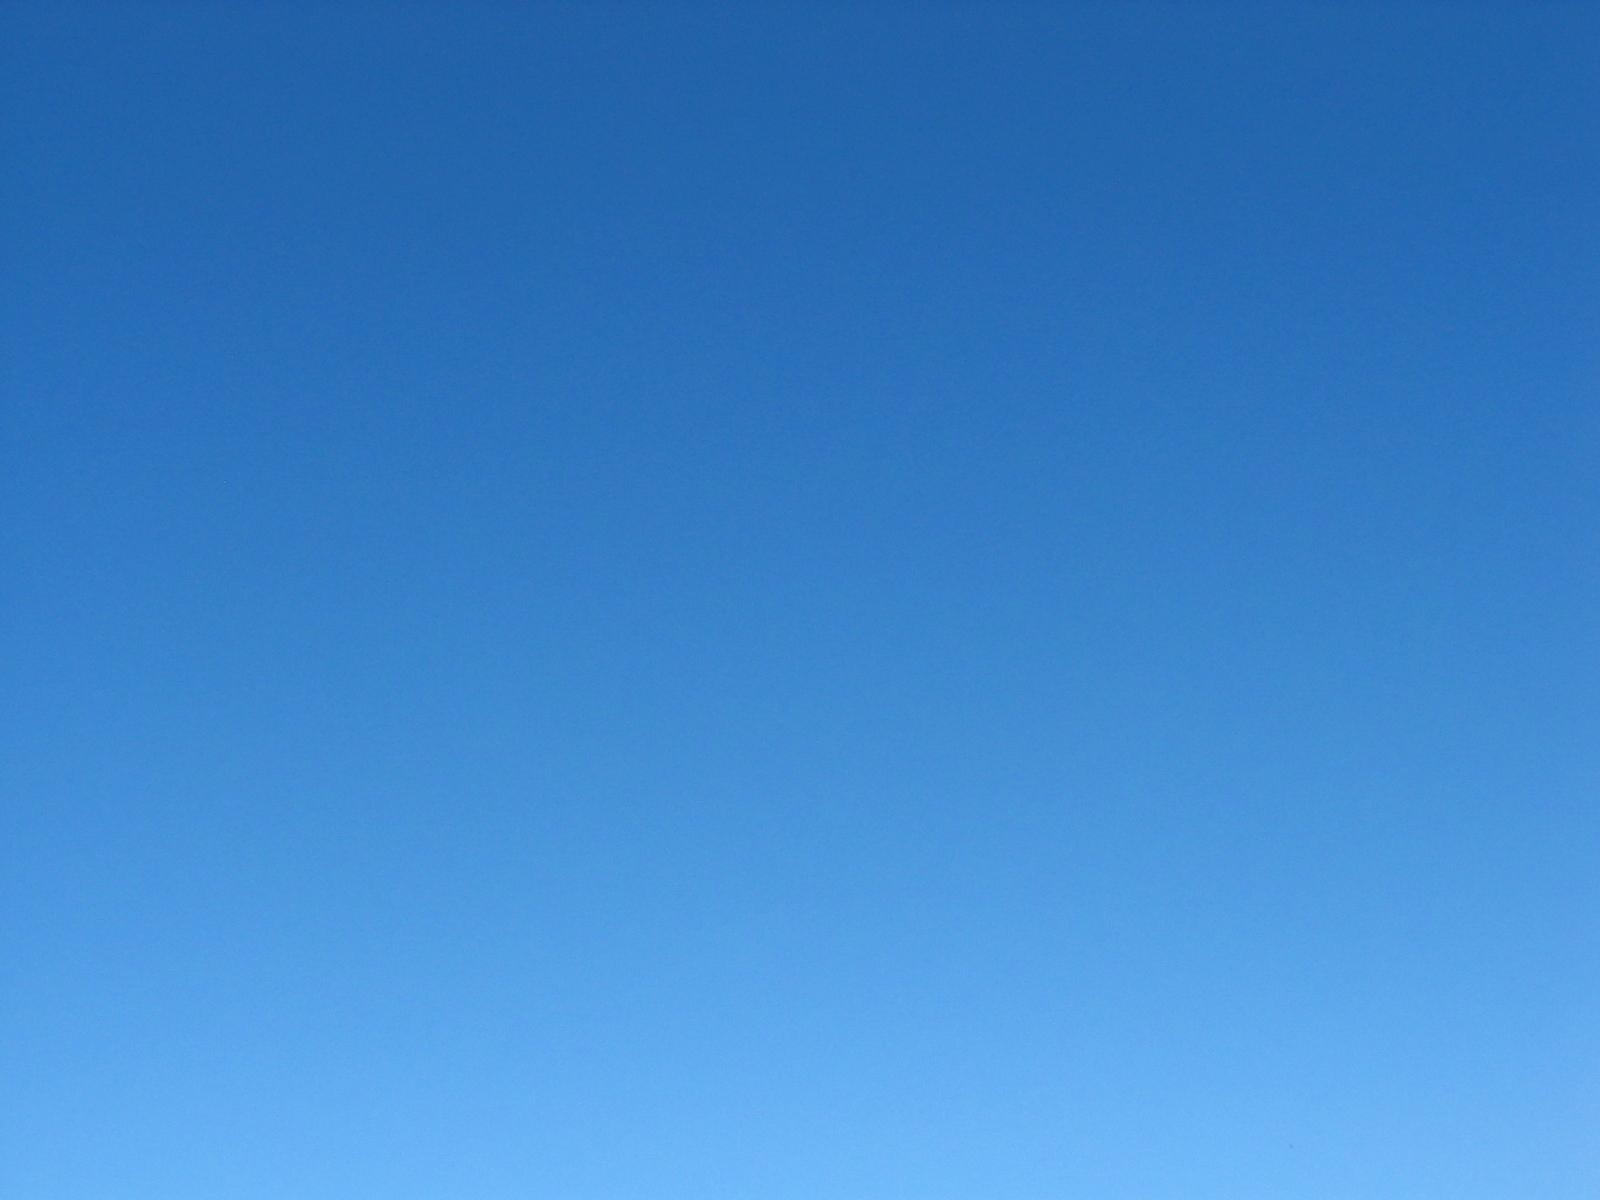 синее ясное небо, текстура, скачать фото